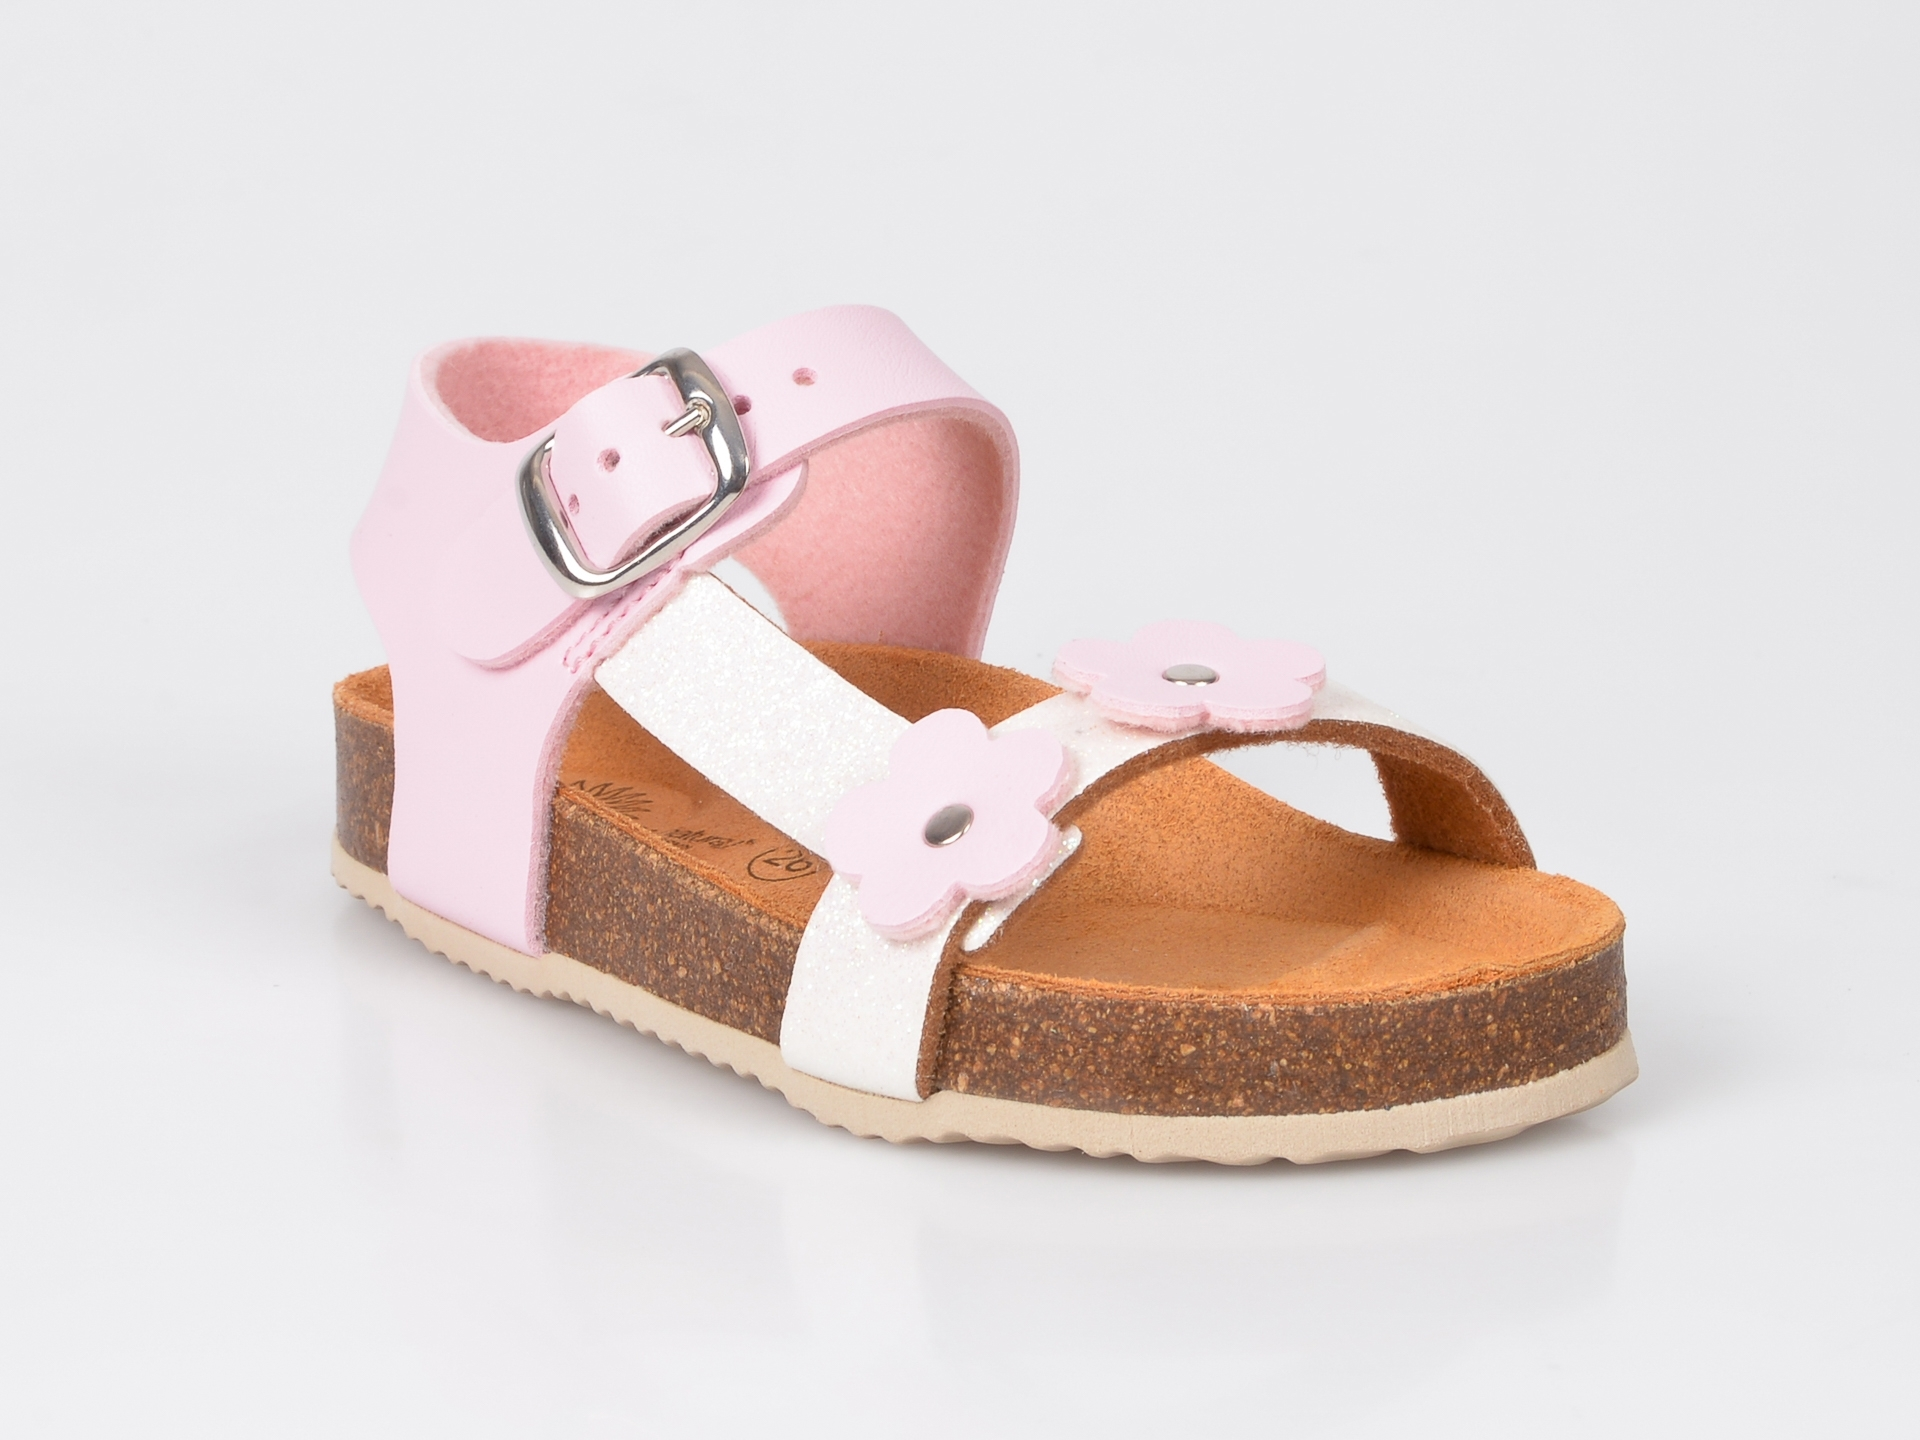 Sandale LA COMPANIA NATURAL roz, din piele ecologica imagine otter.ro 2021